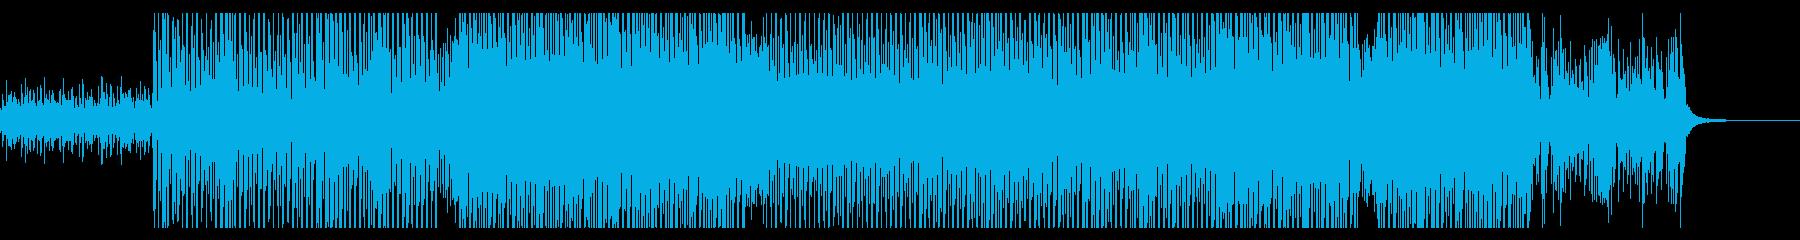 和太鼓を使ったエキサイティング和風テクノの再生済みの波形